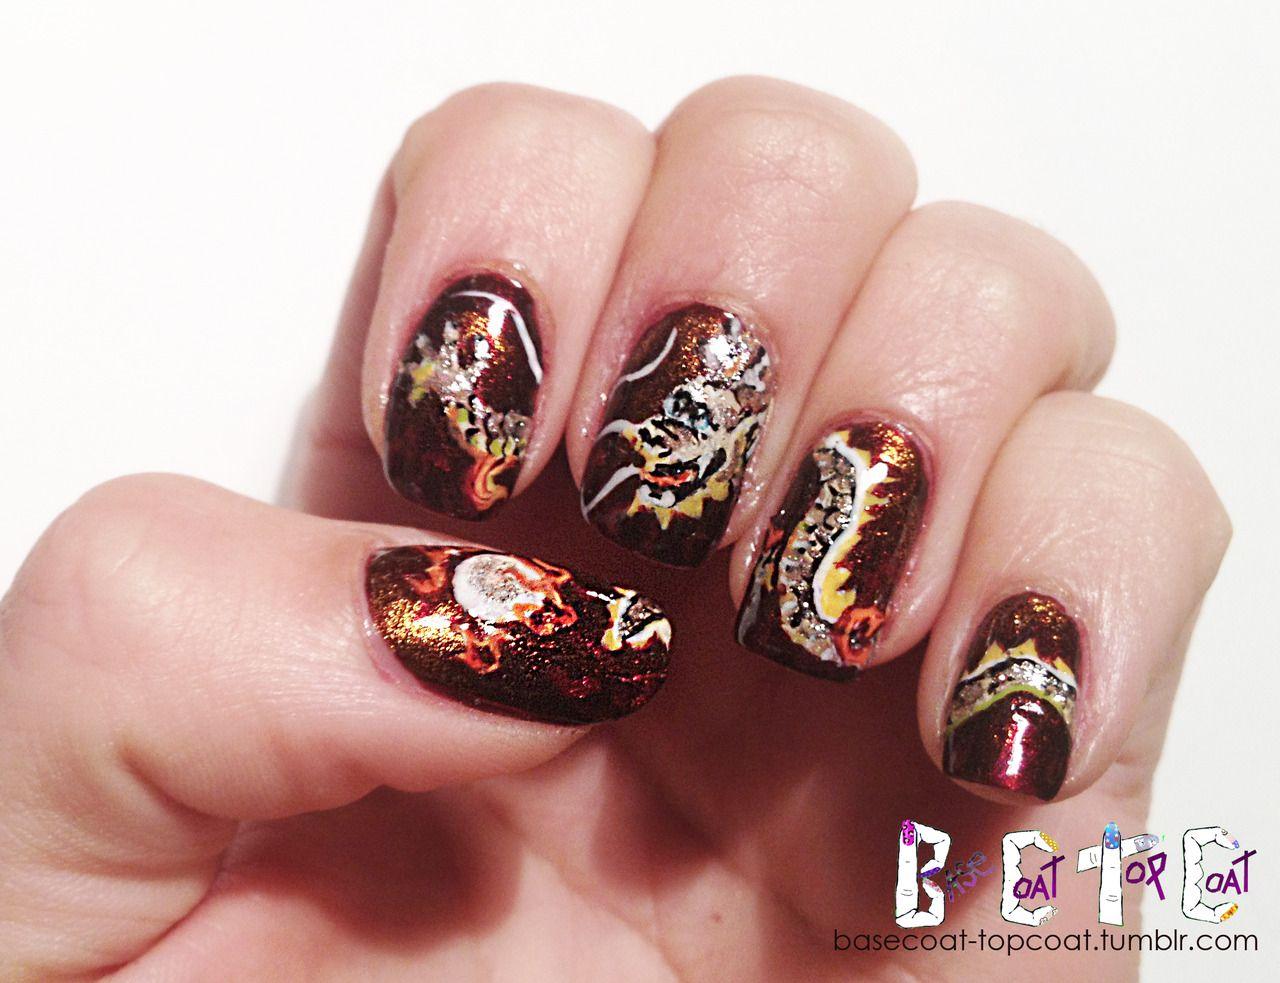 Chinese Dragon Nails | Killer Nails!! | Pinterest | Dragon nails ...